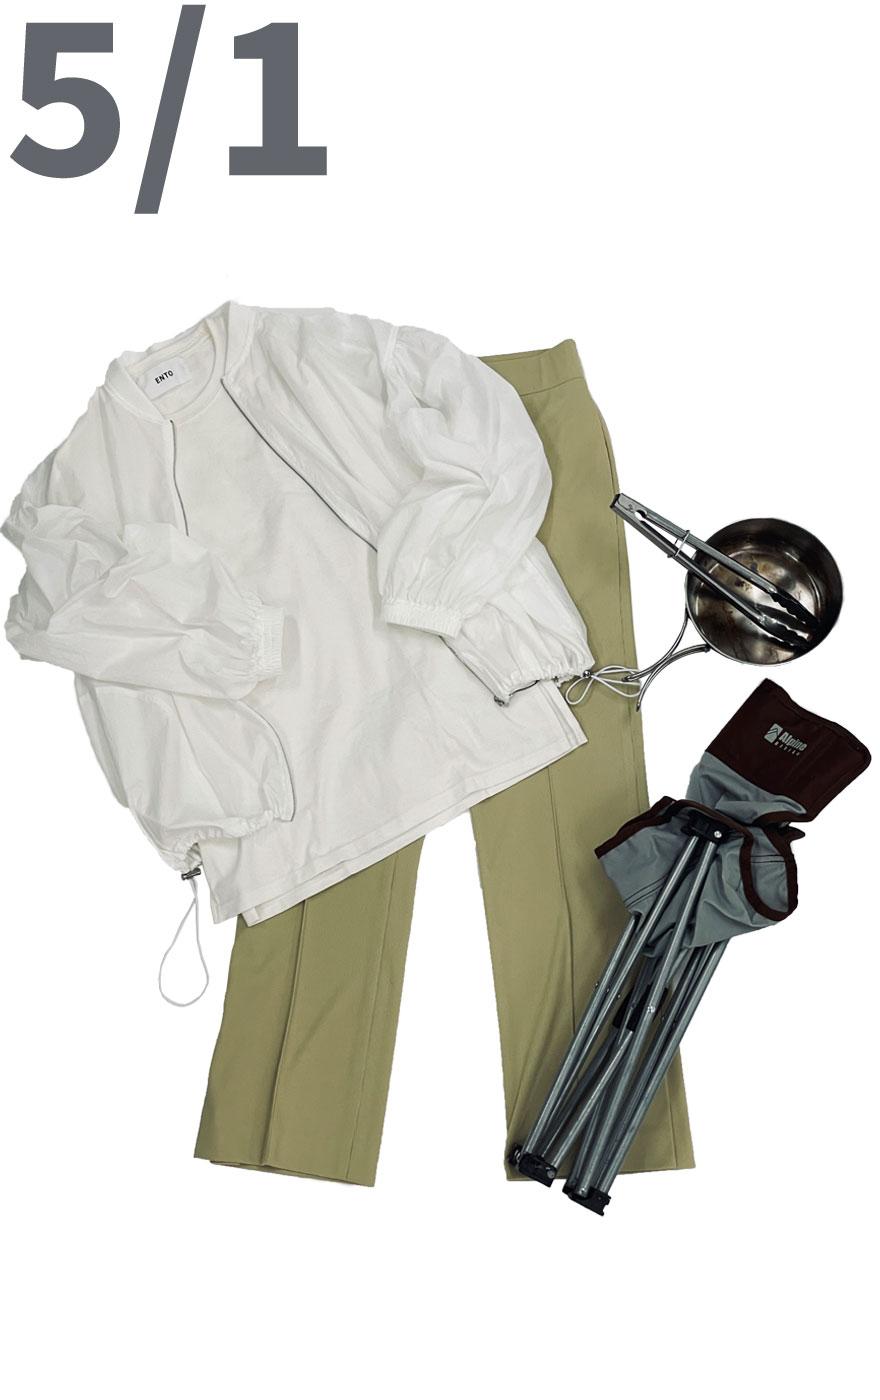 アウトドアにも対応できる楽ちんコーディネート。コットン100%素材のカットソーに履き心地抜群のイエローカラーのリブパンツを合わせて。4月5月の気温差にも対応できるように羽織を忘れずに。